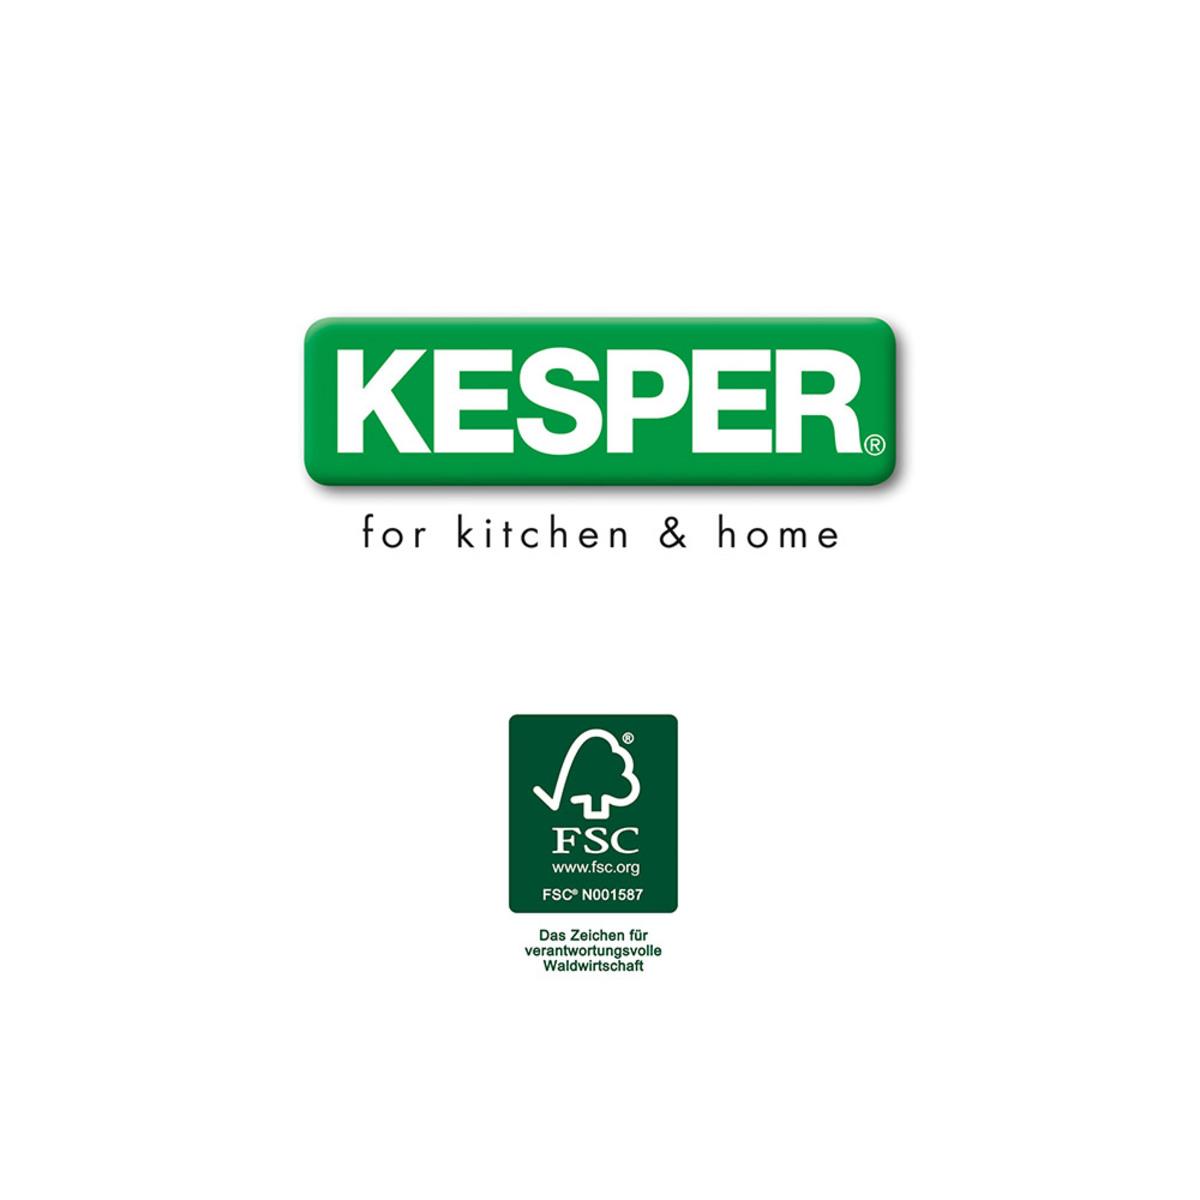 Bild 2 von Kesper Kinder-Aufbewahrungsregal mit Herz-Motiven